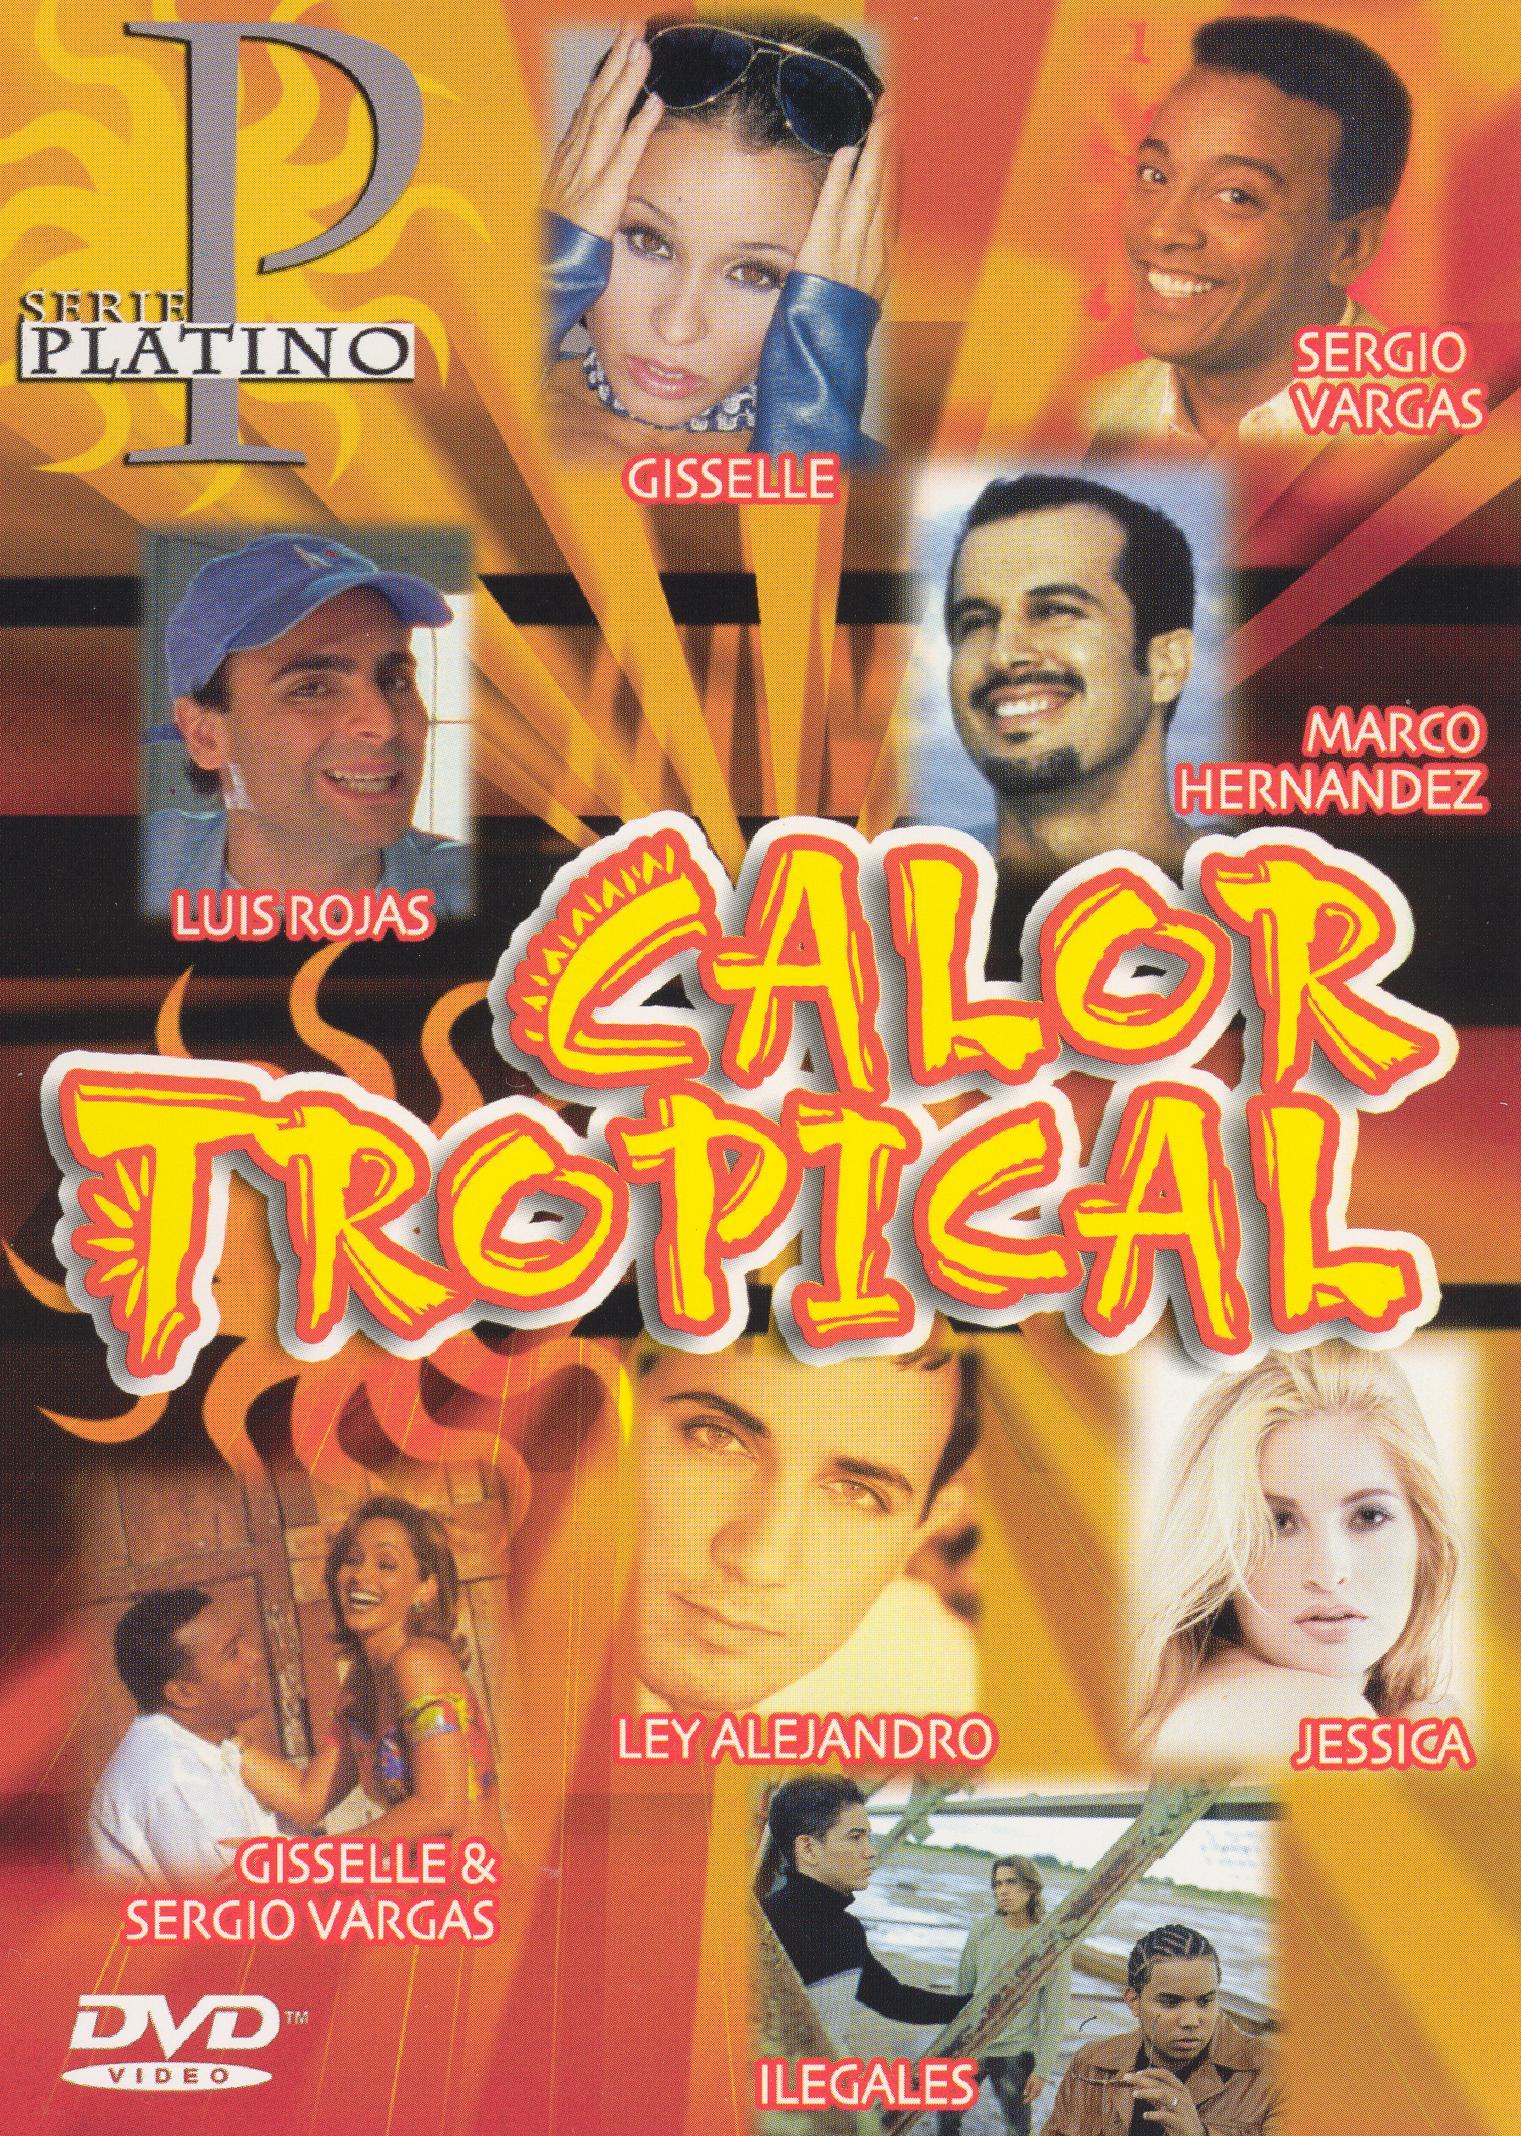 Calor Tropical: Serie Platino